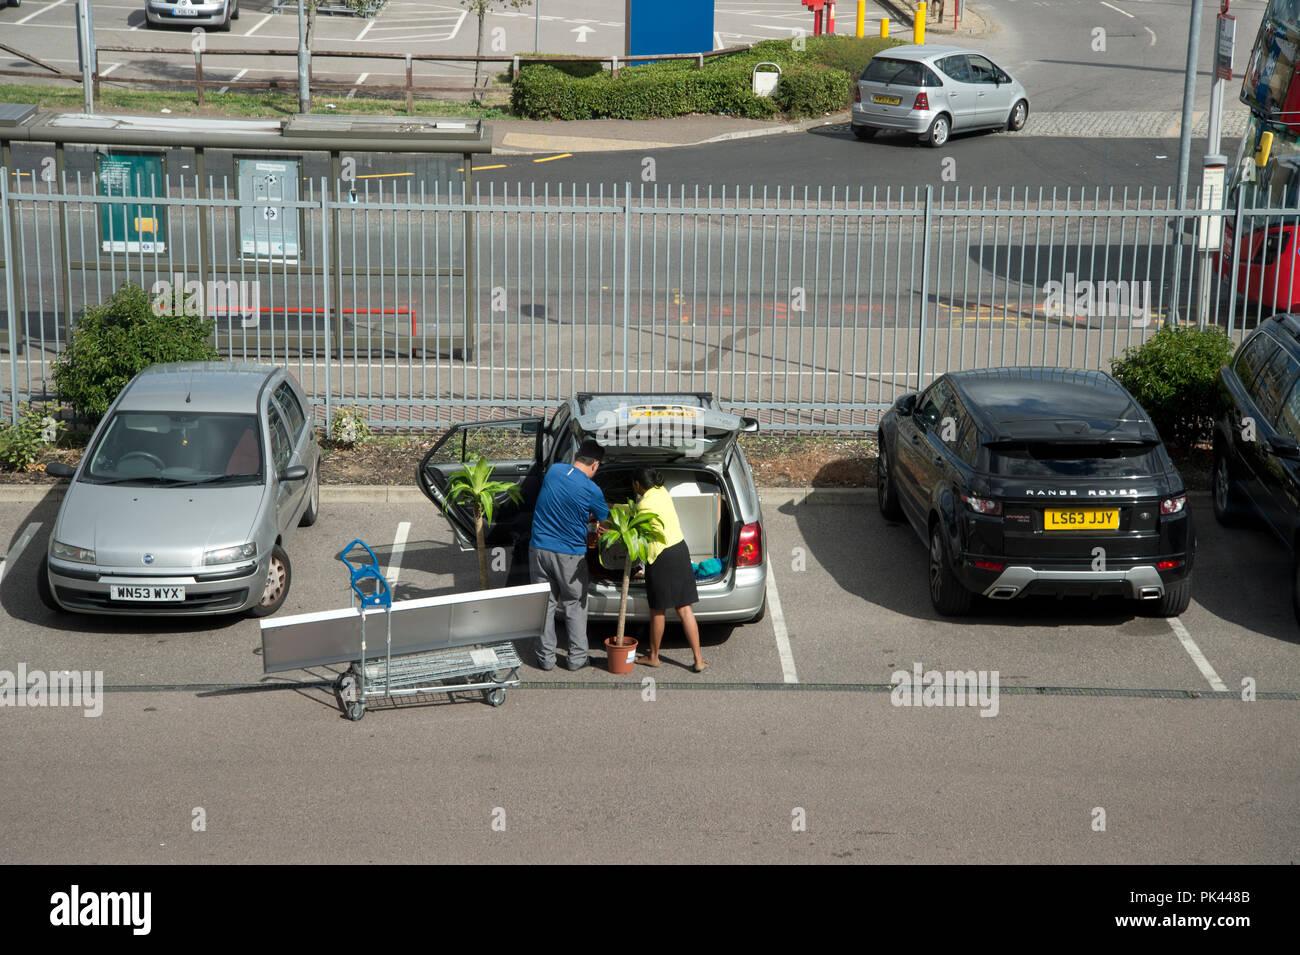 Ikea , Edmonton, au nord de Londres. Couple d'essayer de mettre en place les achats dans le coffre d'une voiture. Photo Stock